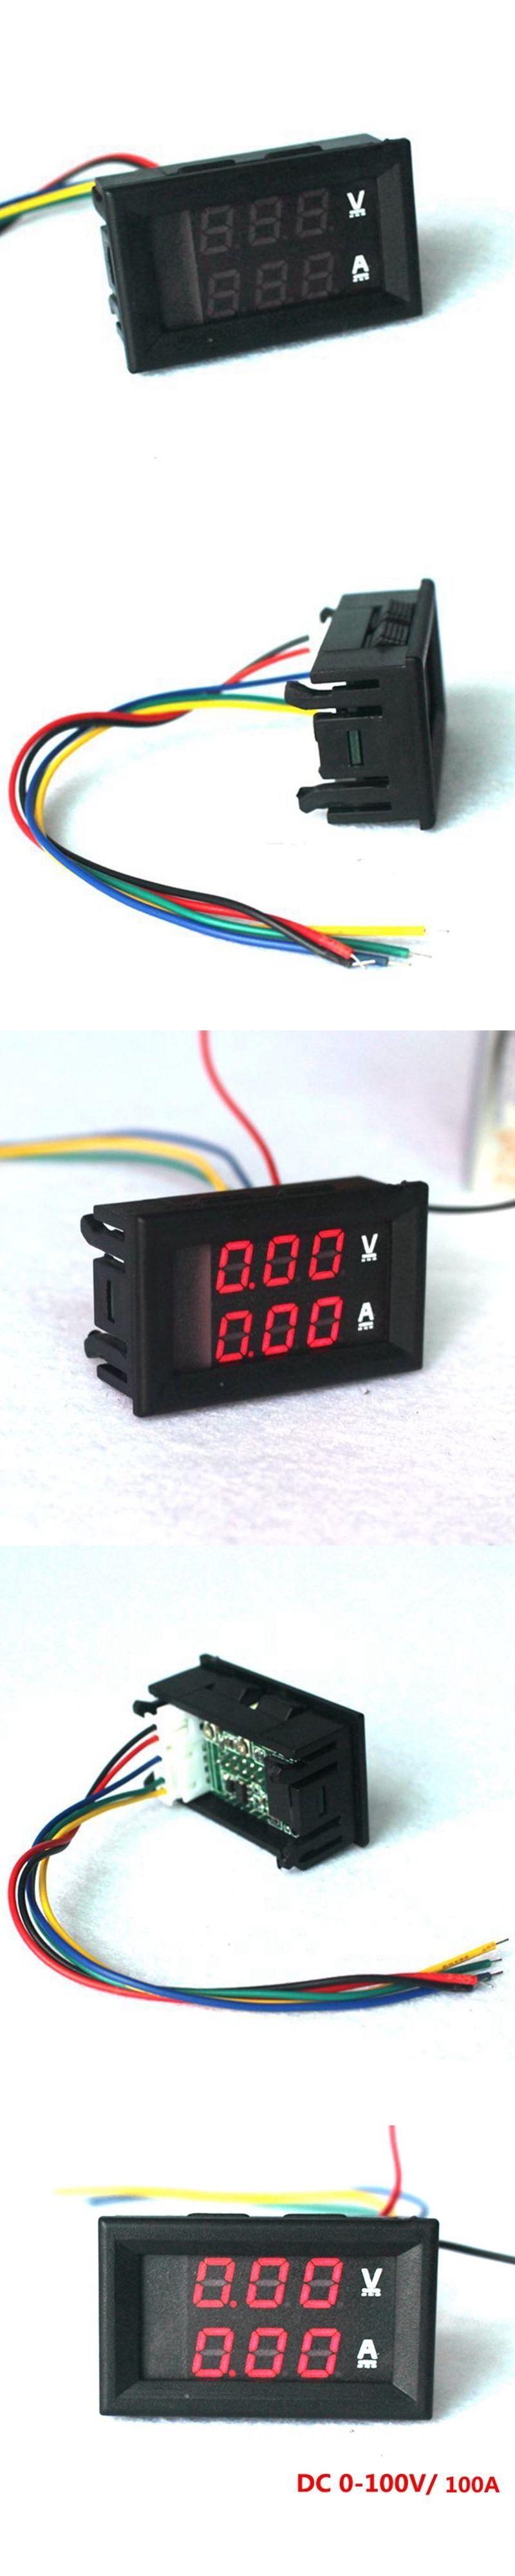 Led Digital Dc Voltmeter Ammeter 0 100v 100a Motorcycle Battery Monitor Volt Amp Meter